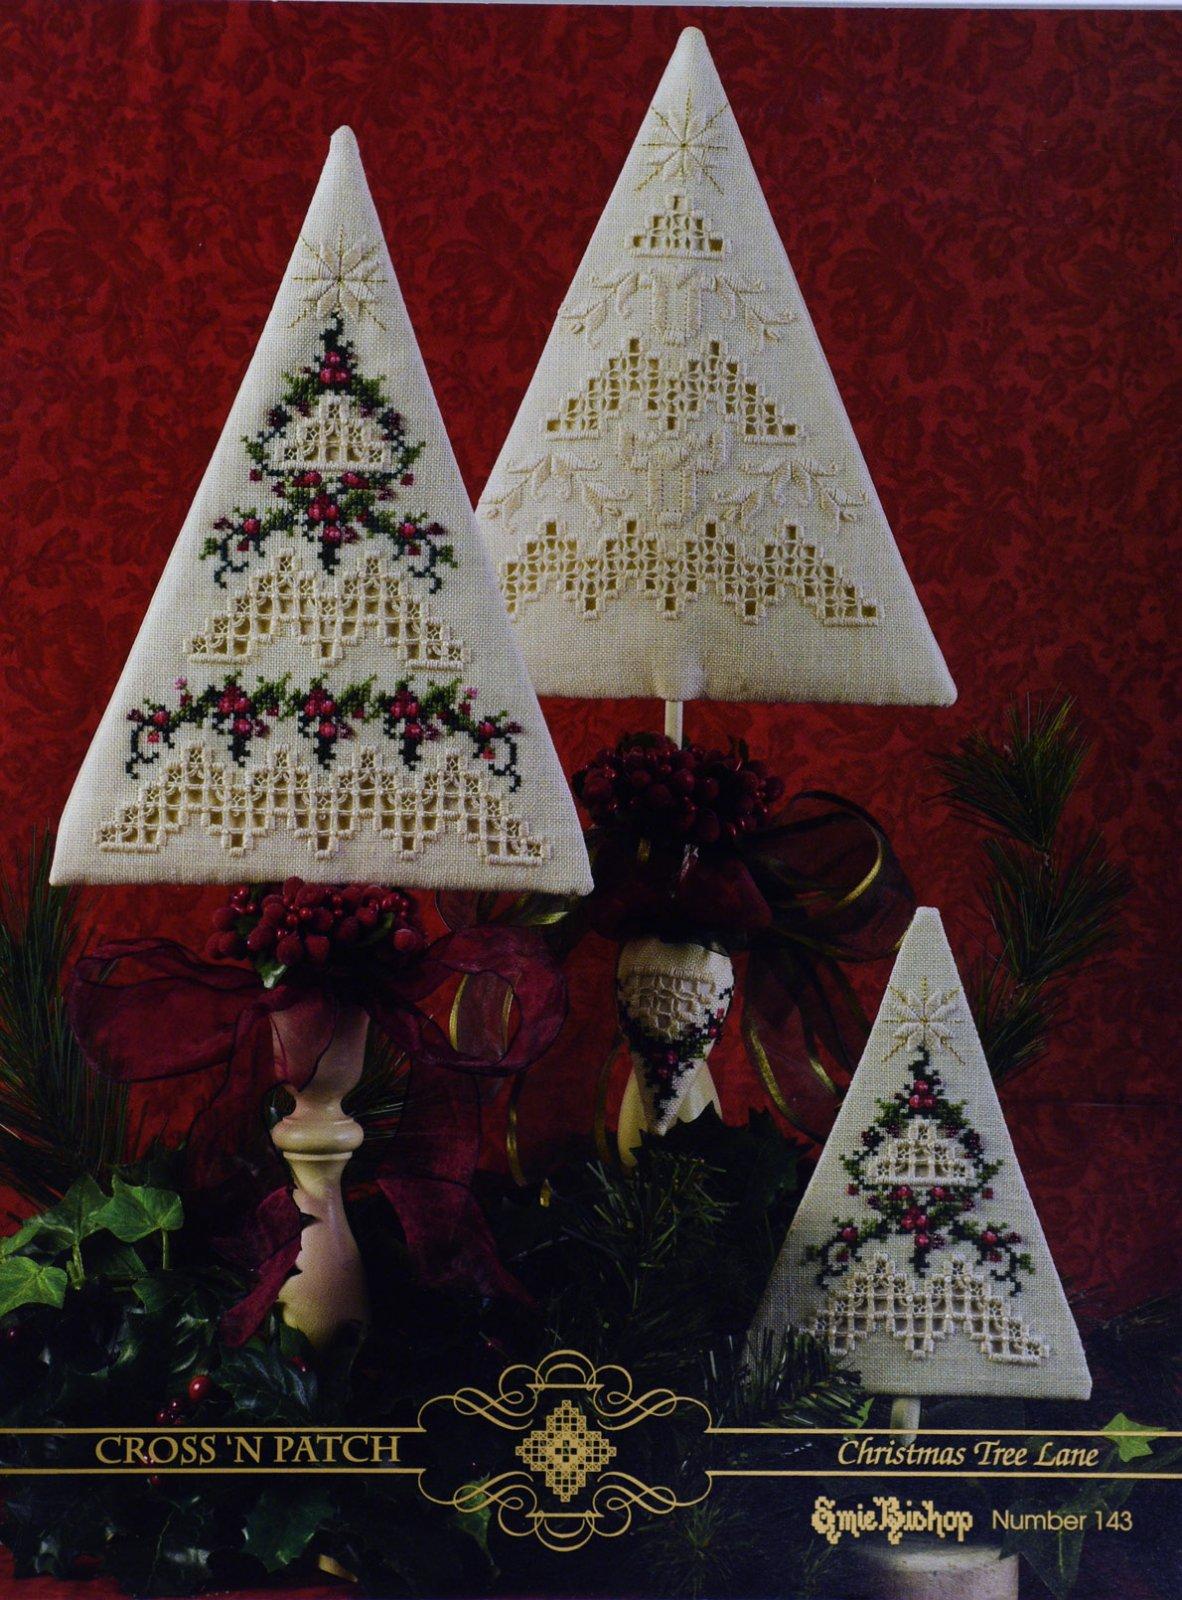 Christmas Tree Lane:  CNP